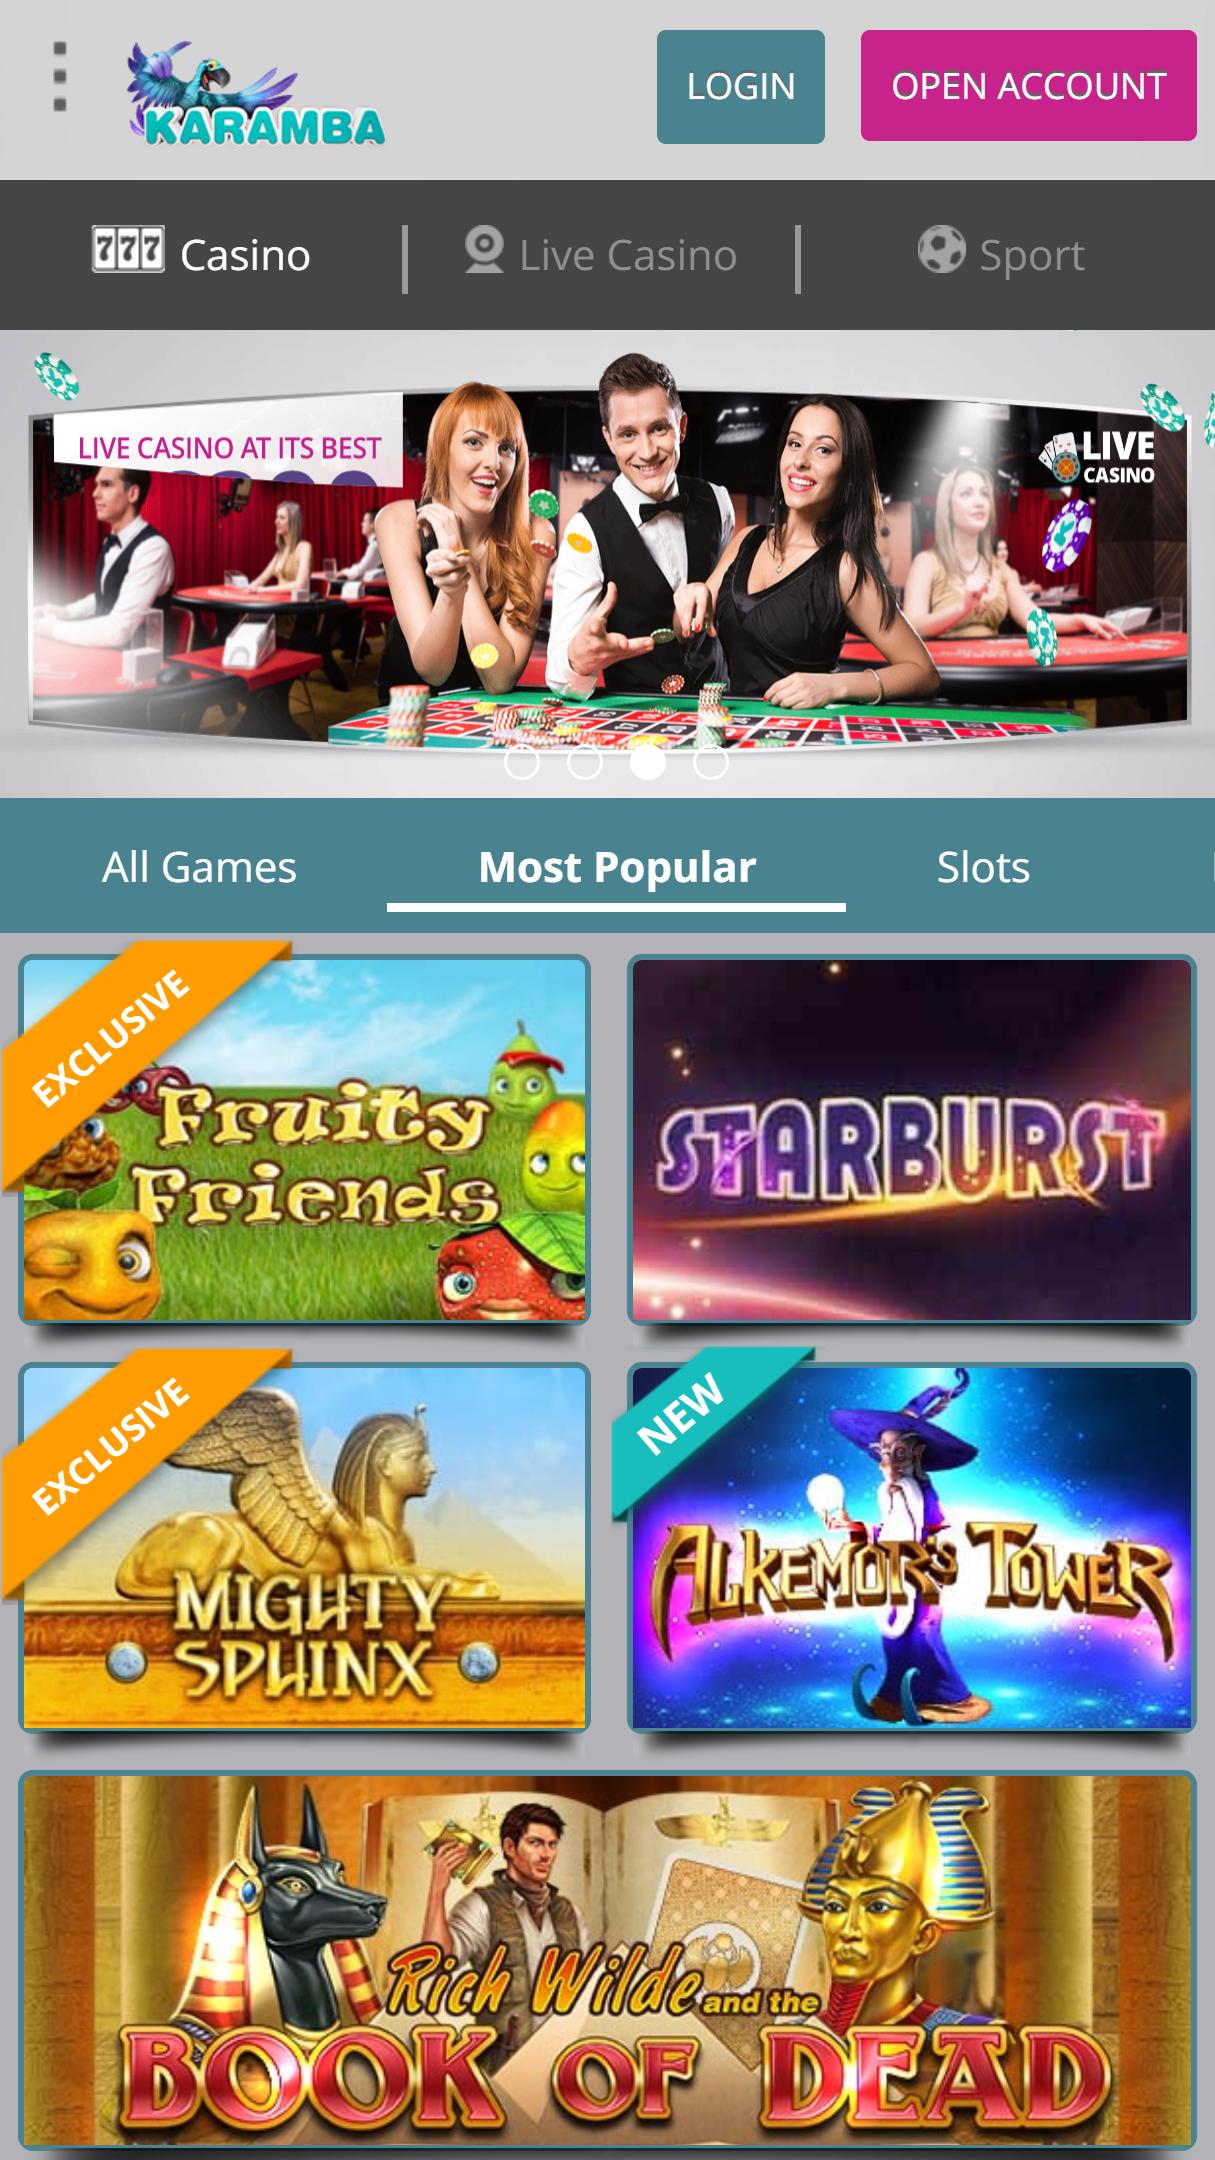 Karamba Casino App Homepage